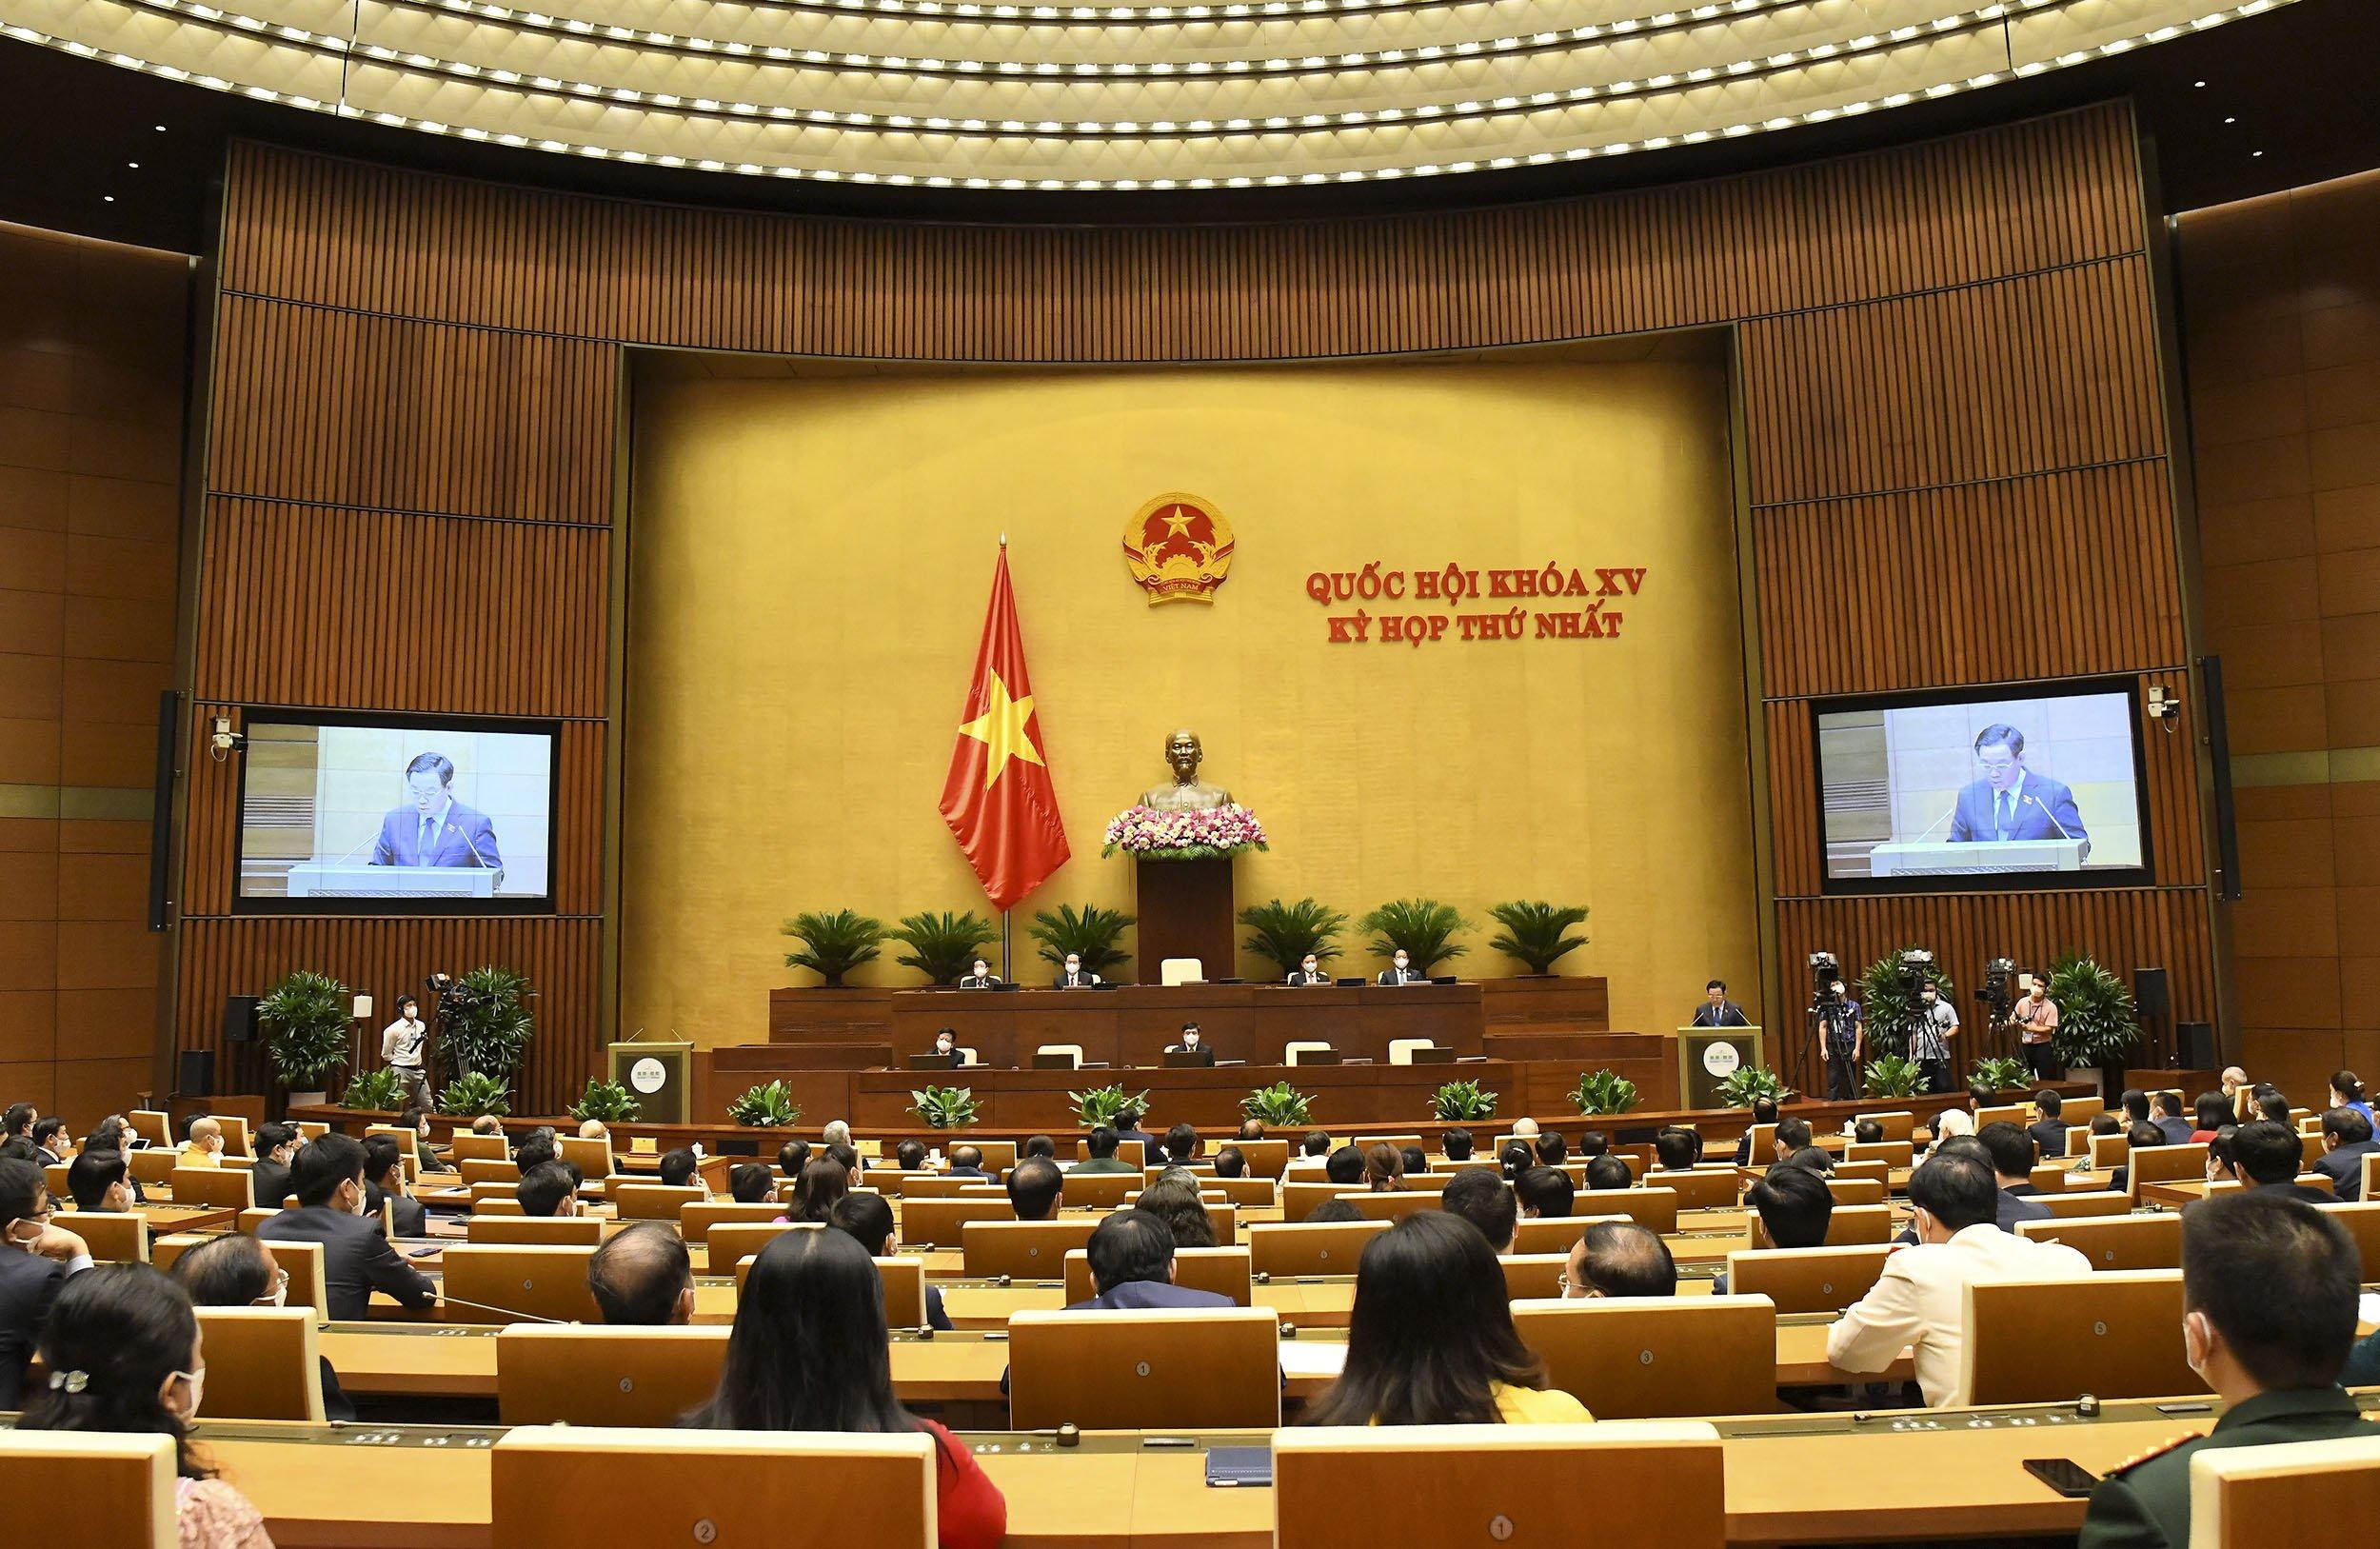 Các đại biểu Quốc hội dự Lễ bế mạc Kỳ họp thứ nhất, Quốc hội khoá XV